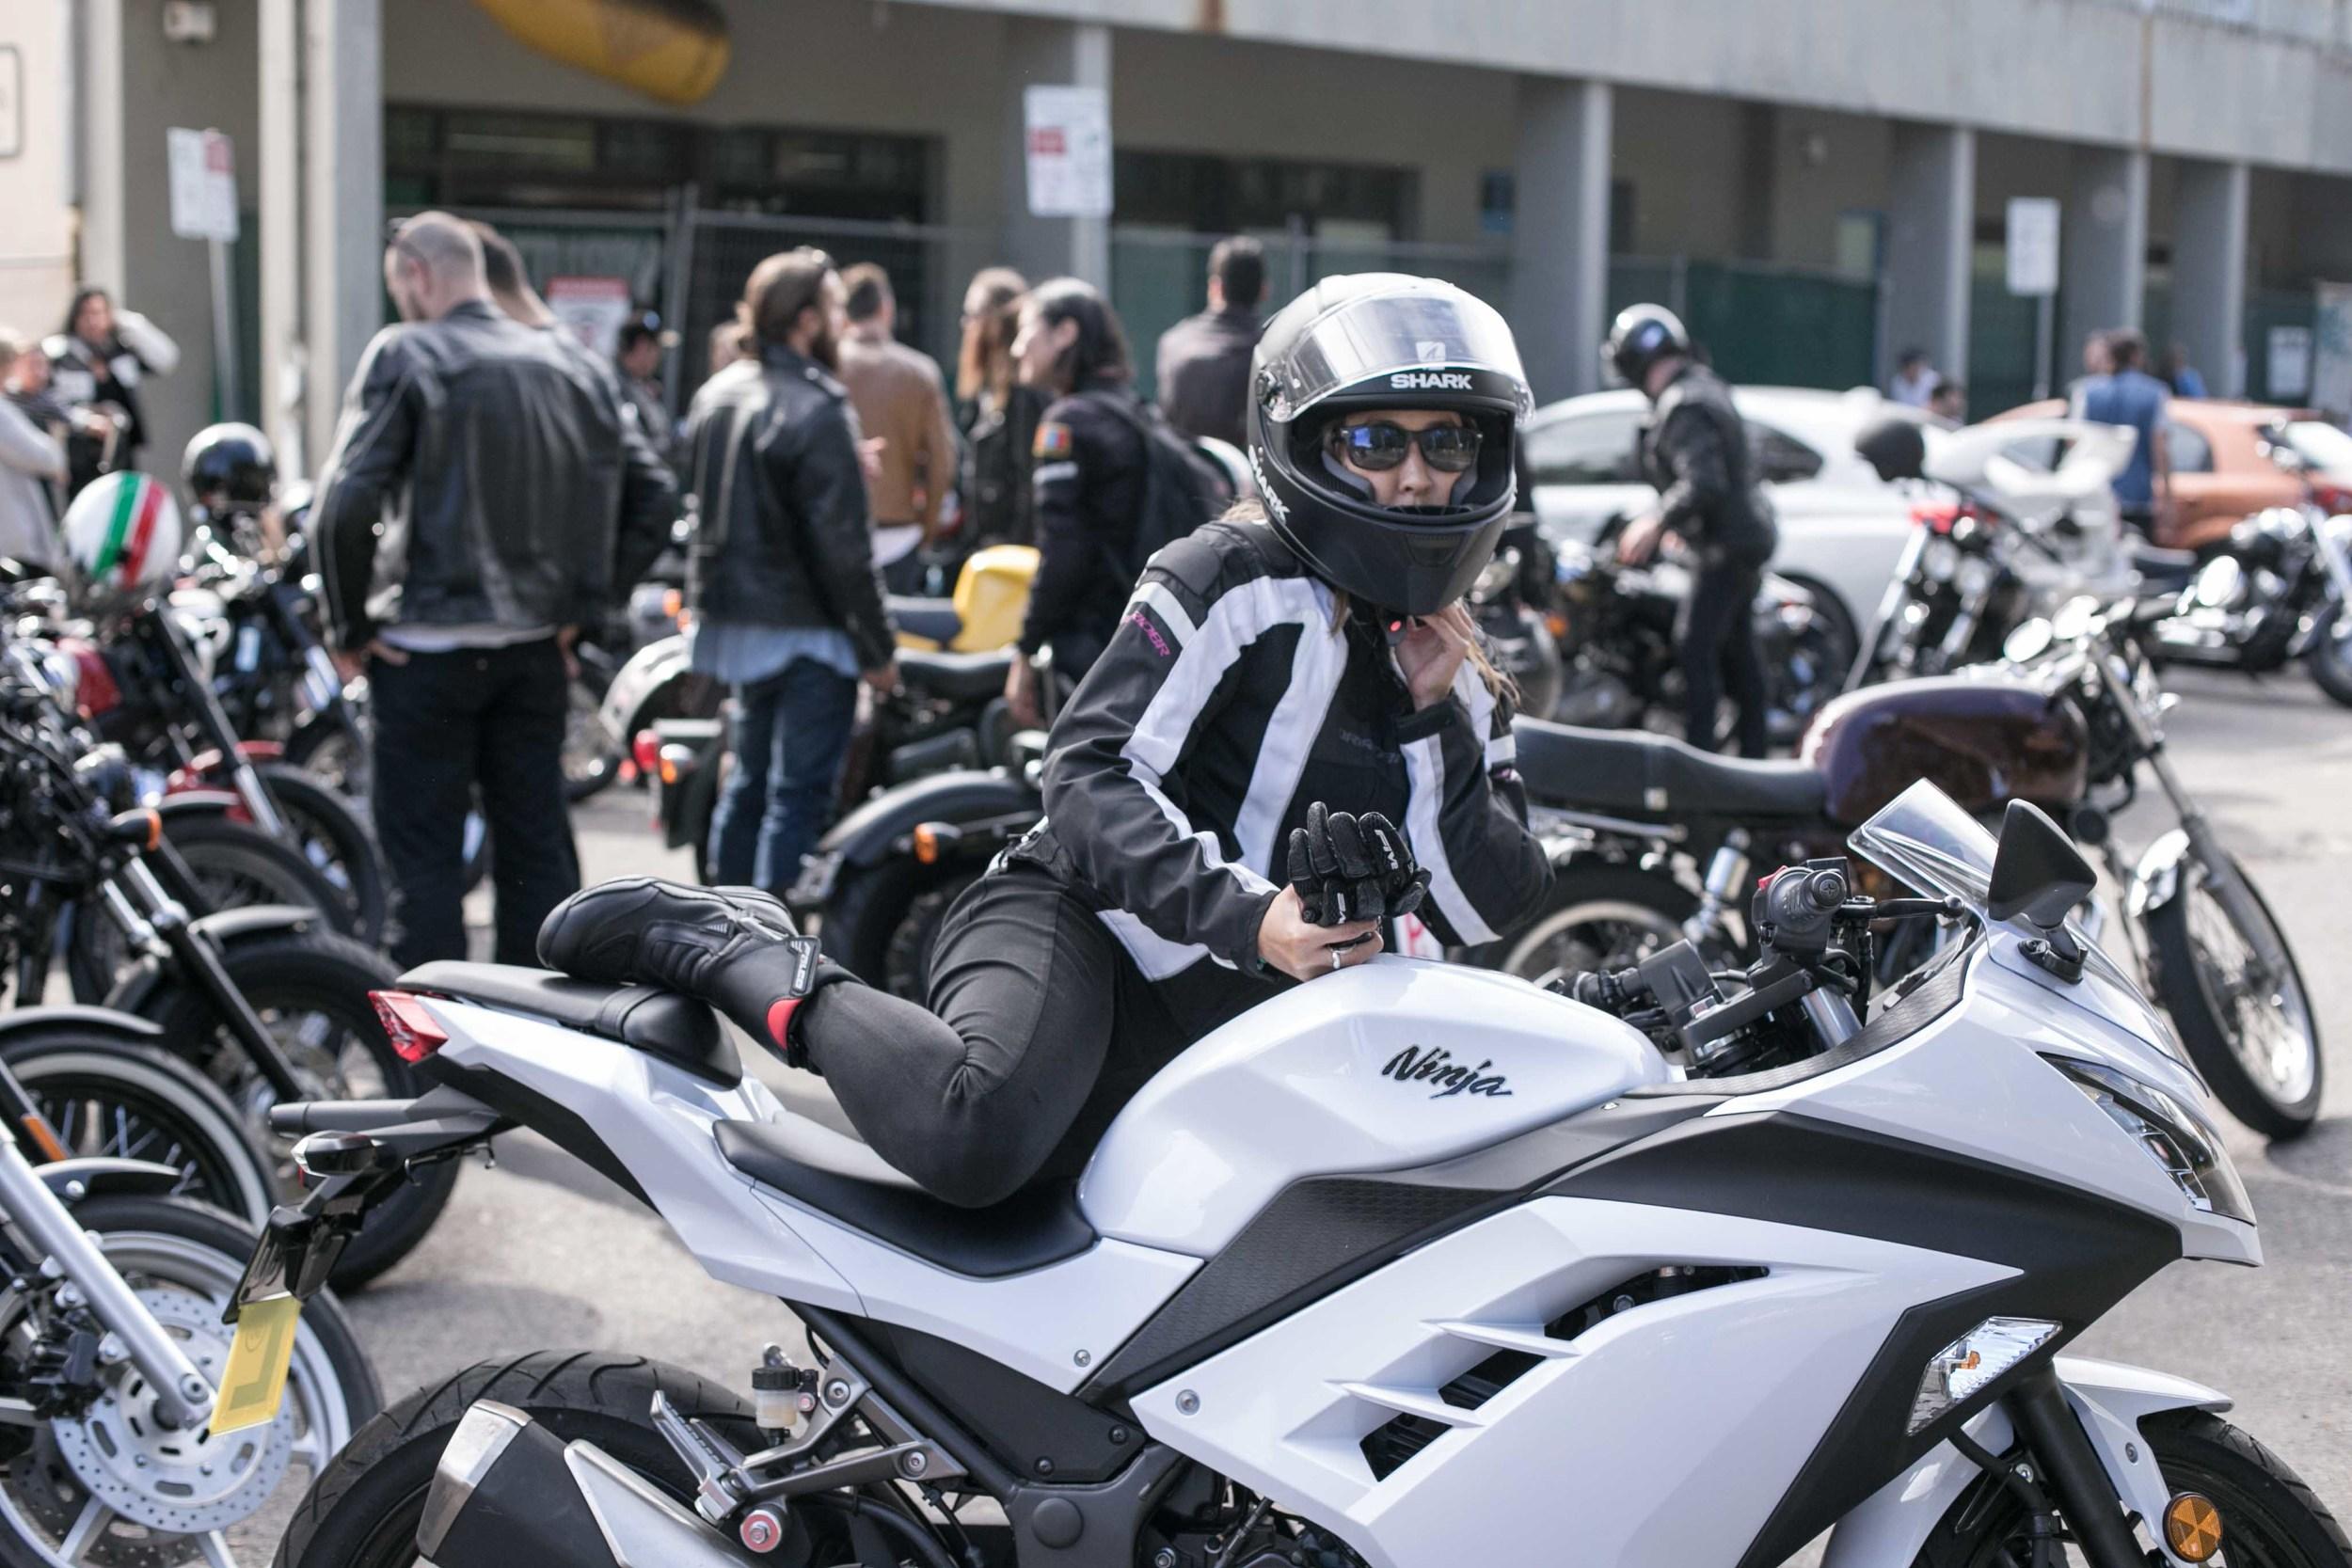 in_venus_Veritas_throttle_dolls_ride-9.jpg